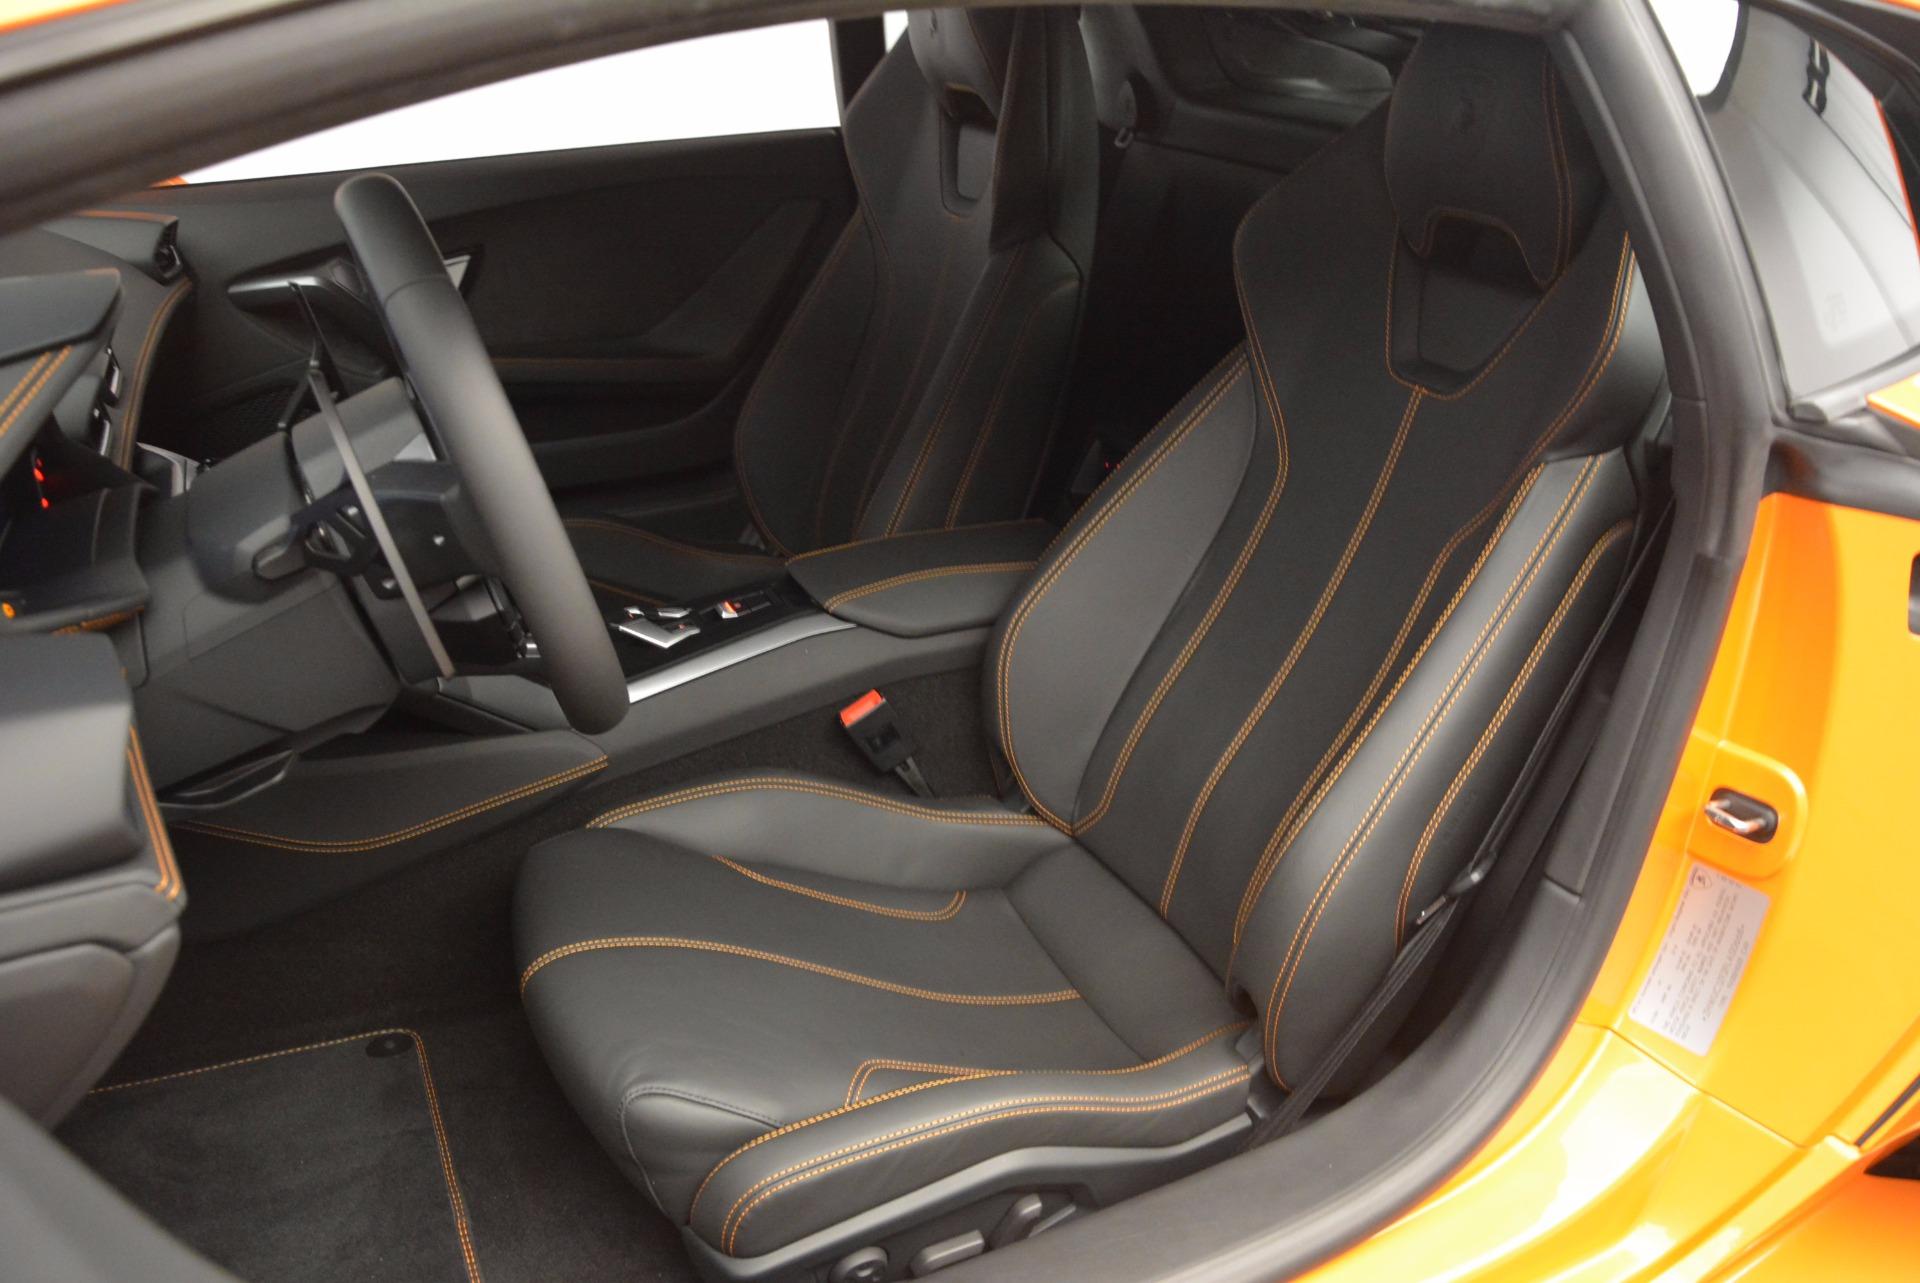 Used 2015 Lamborghini Huracan LP 610-4 For Sale In Westport, CT 621_p15